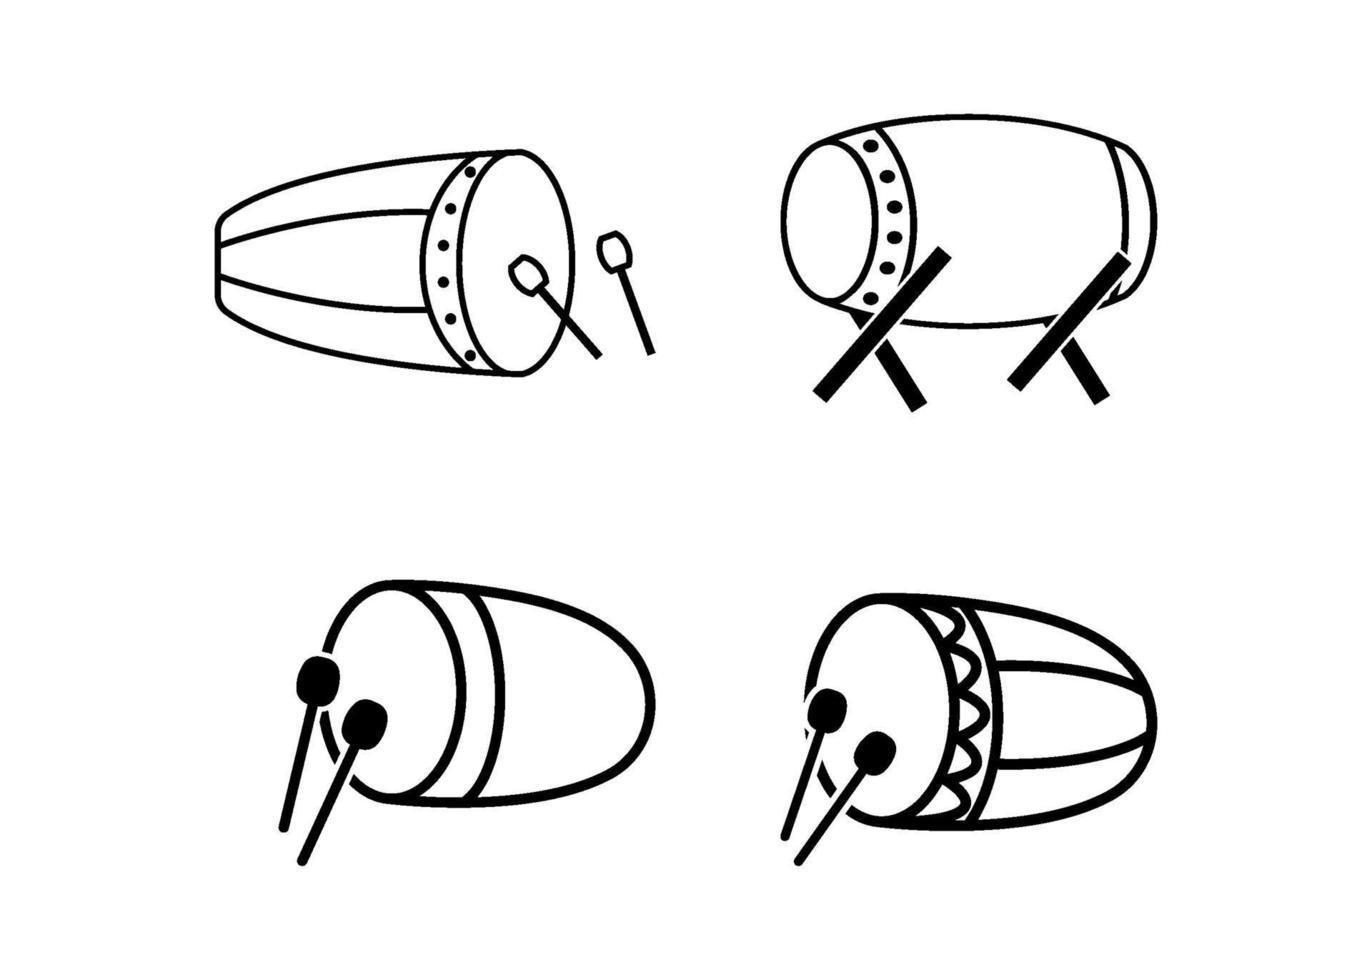 islamitische drum pictogram ontwerpsjabloon vectorillustratie vector